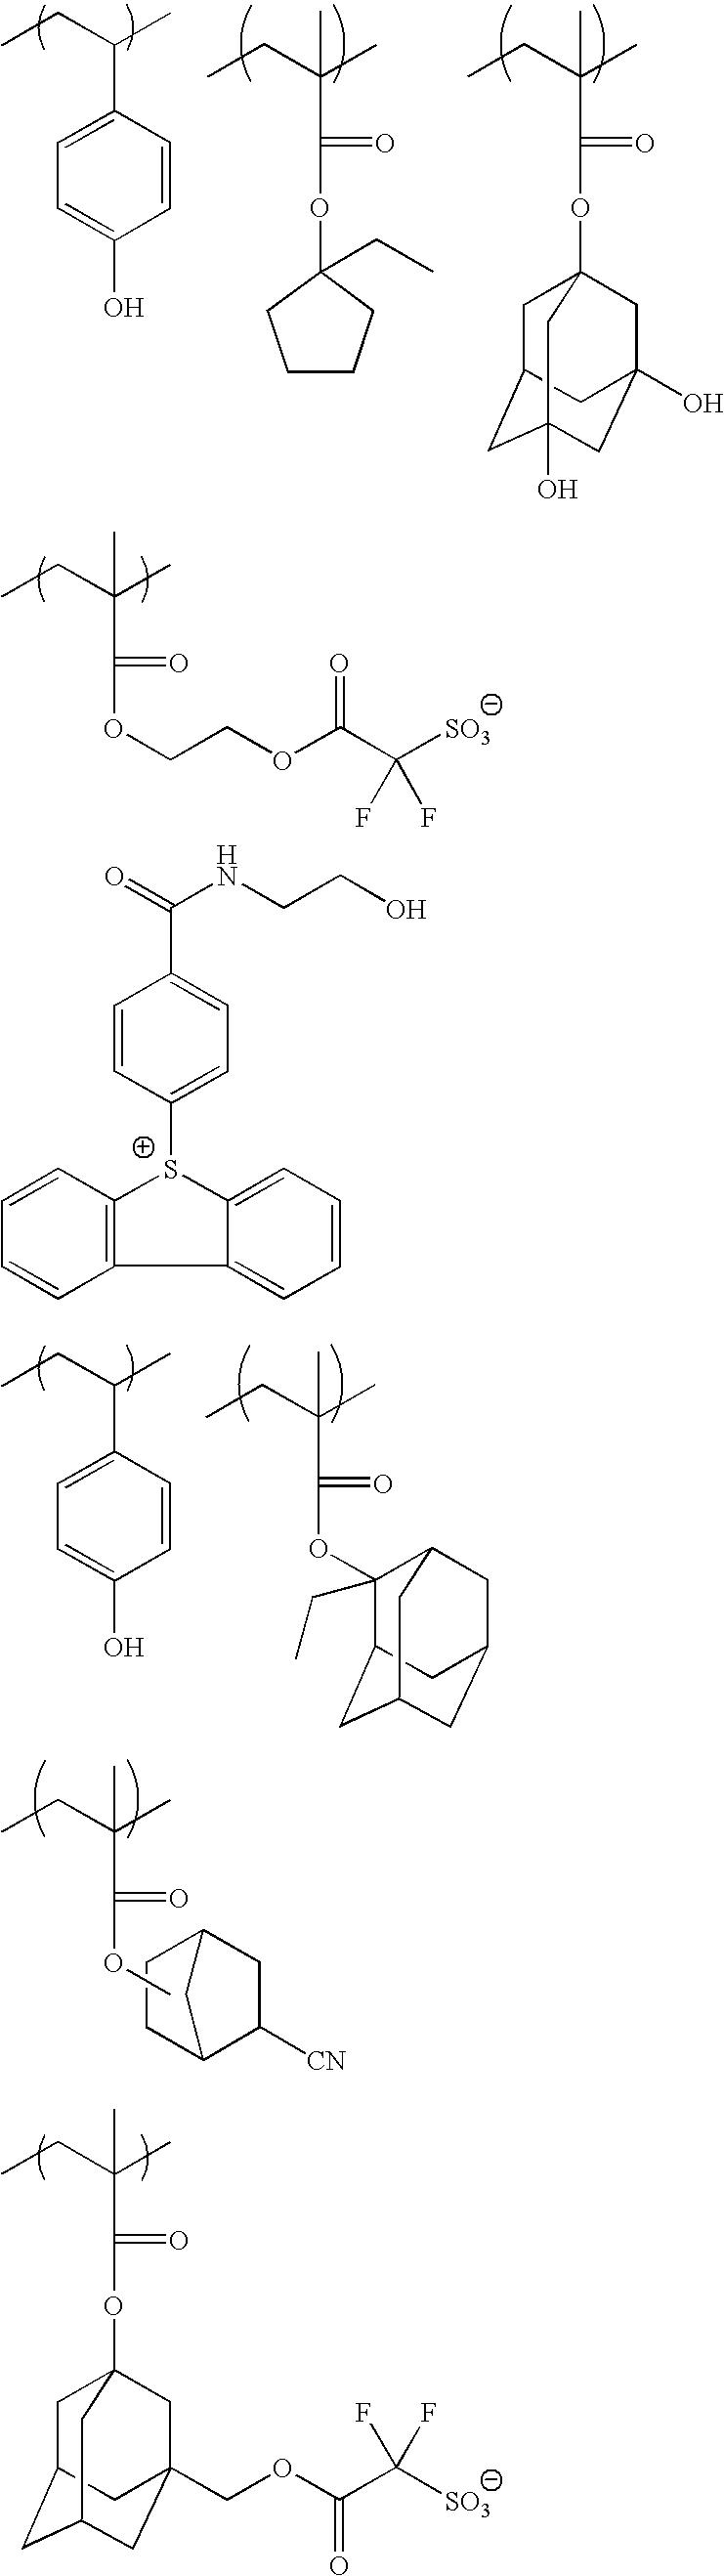 Figure US20100183975A1-20100722-C00193